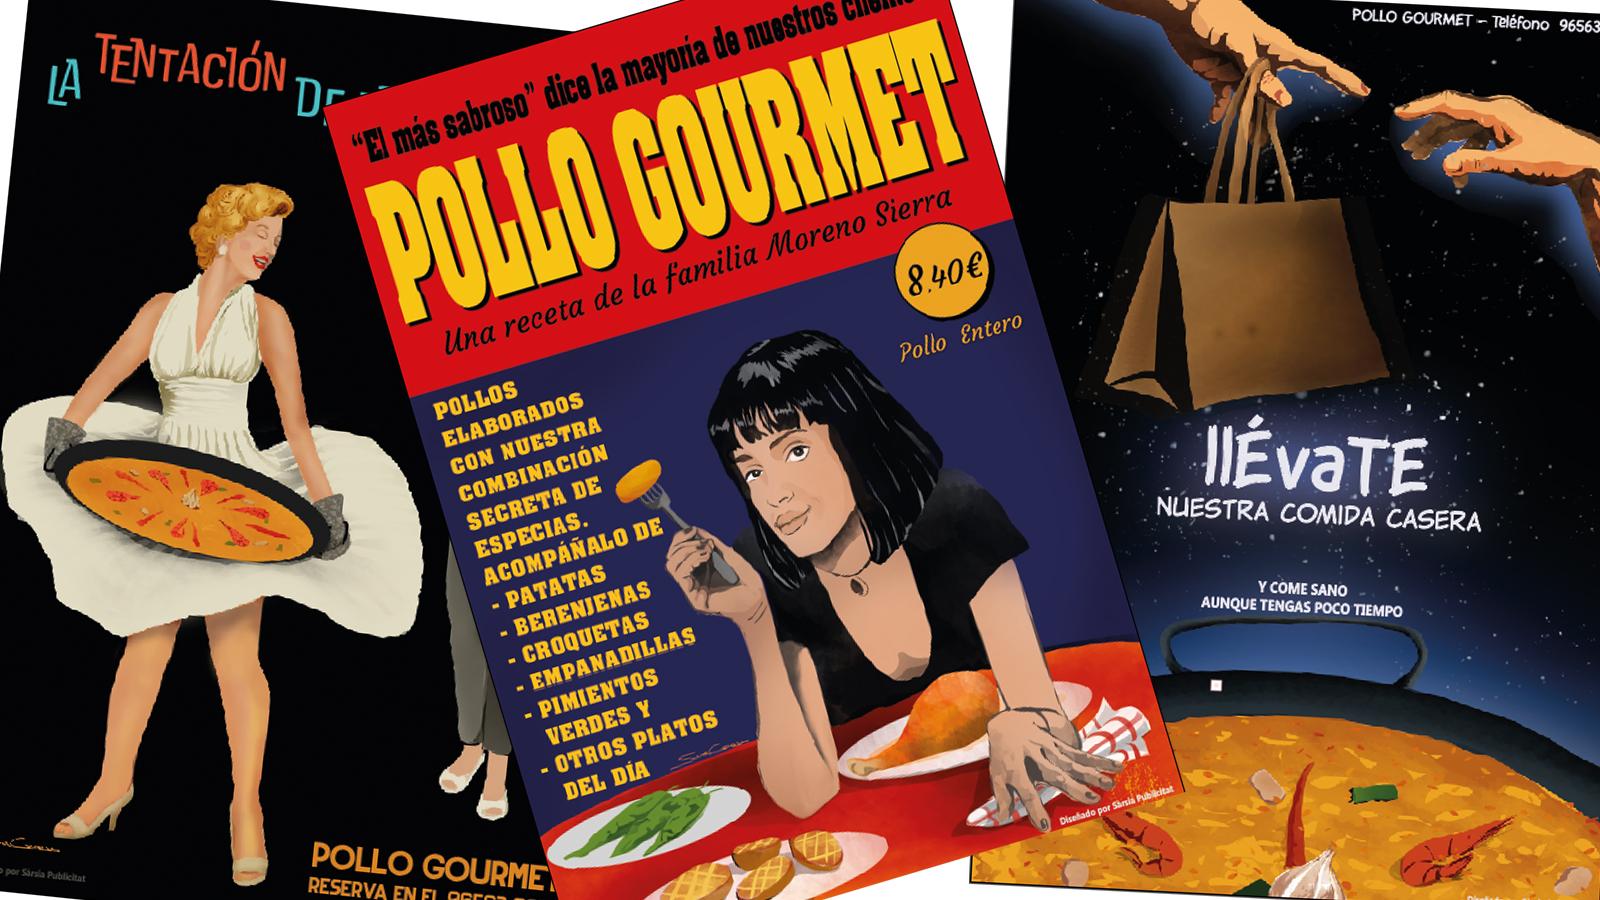 Carteles publicitarios para Pollo Gourmet, cuando la publicidad  en la fachada tiene un valor decorativo